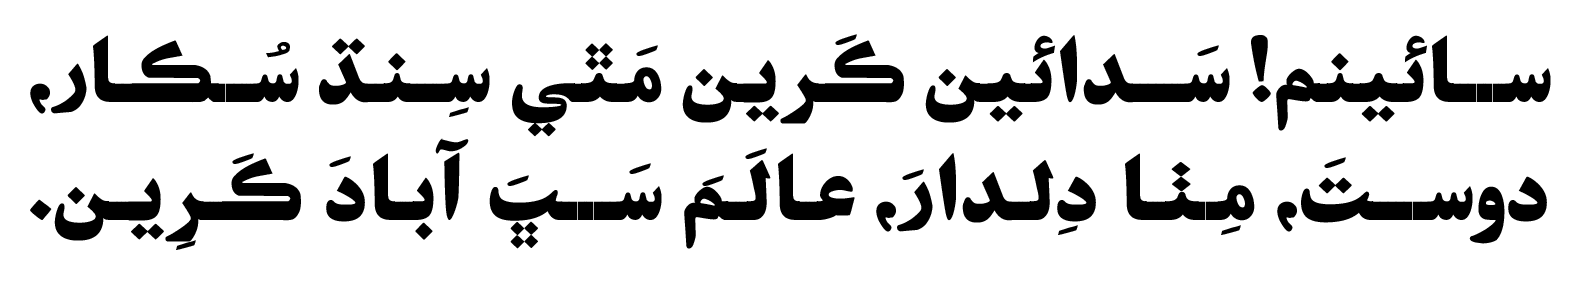 اي.ايس بولڊلطيفي | asboldlateefi